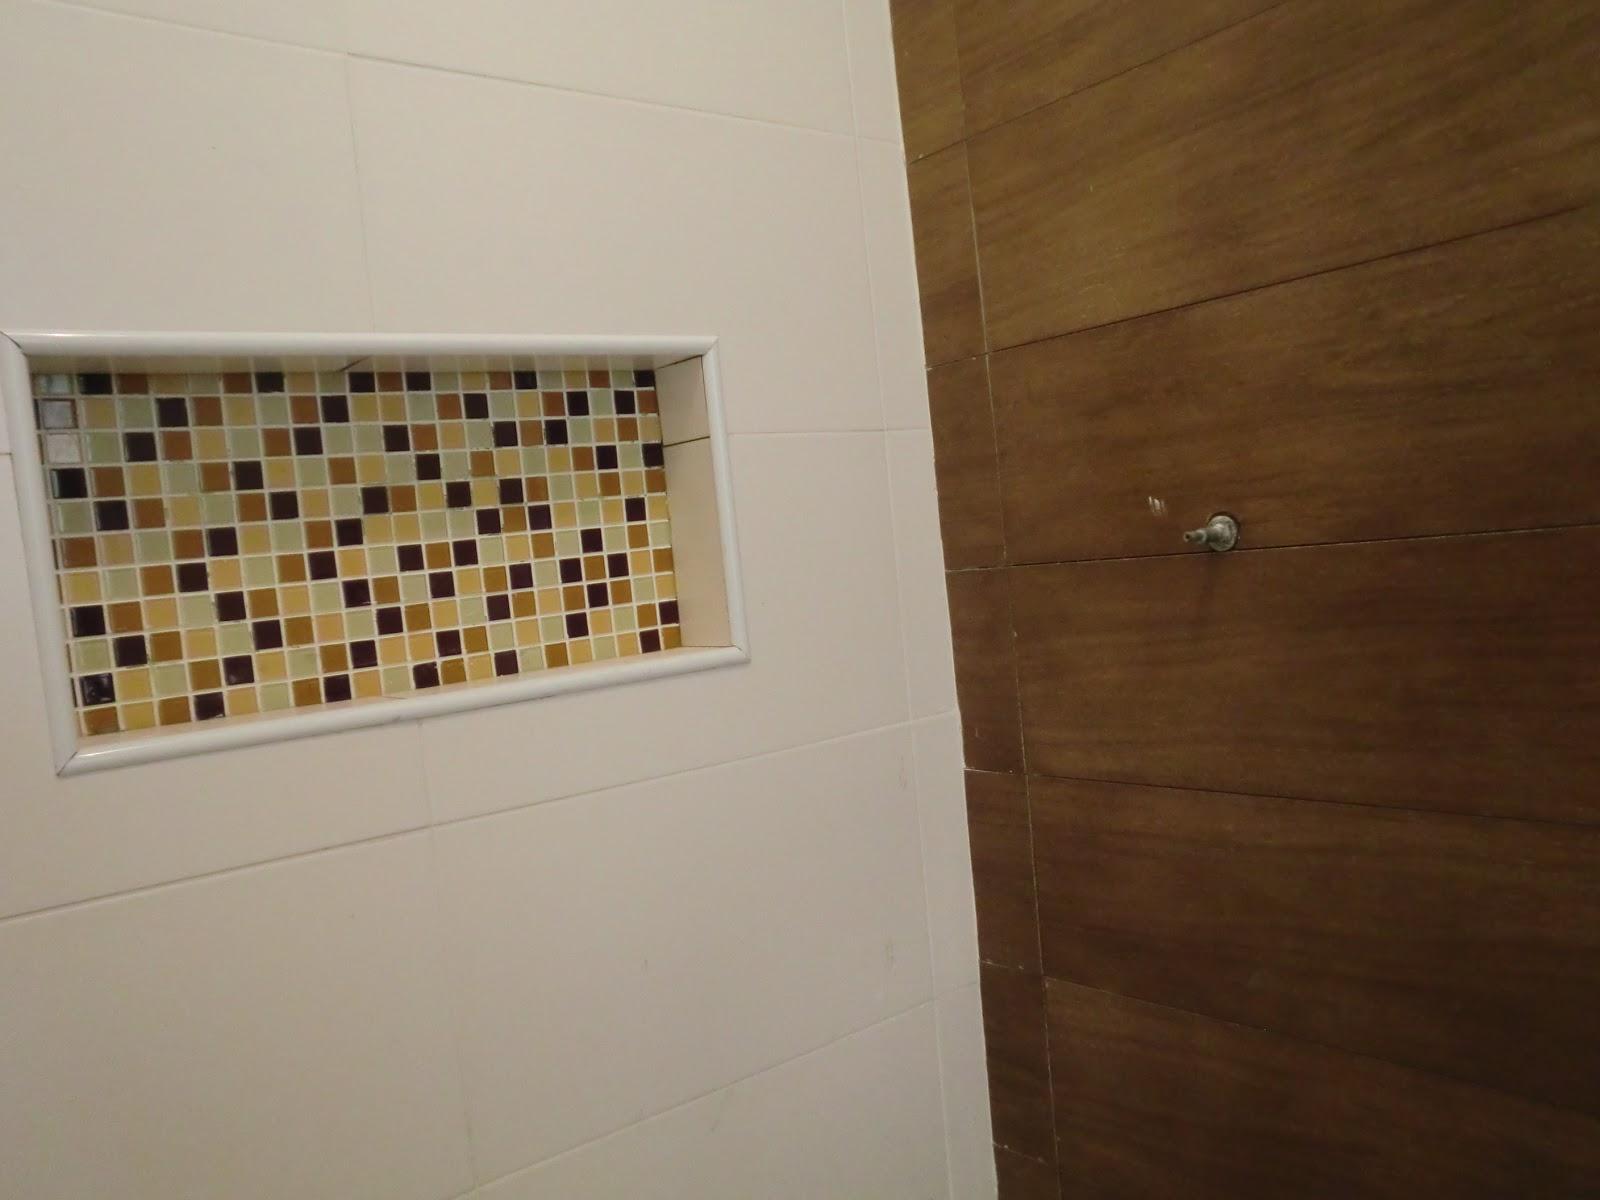 #402816 Nicho no Box – Quais Materiais Usar? tijolosetecidos 1600x1200 px Banheiro Nicho Pastilhas 2731